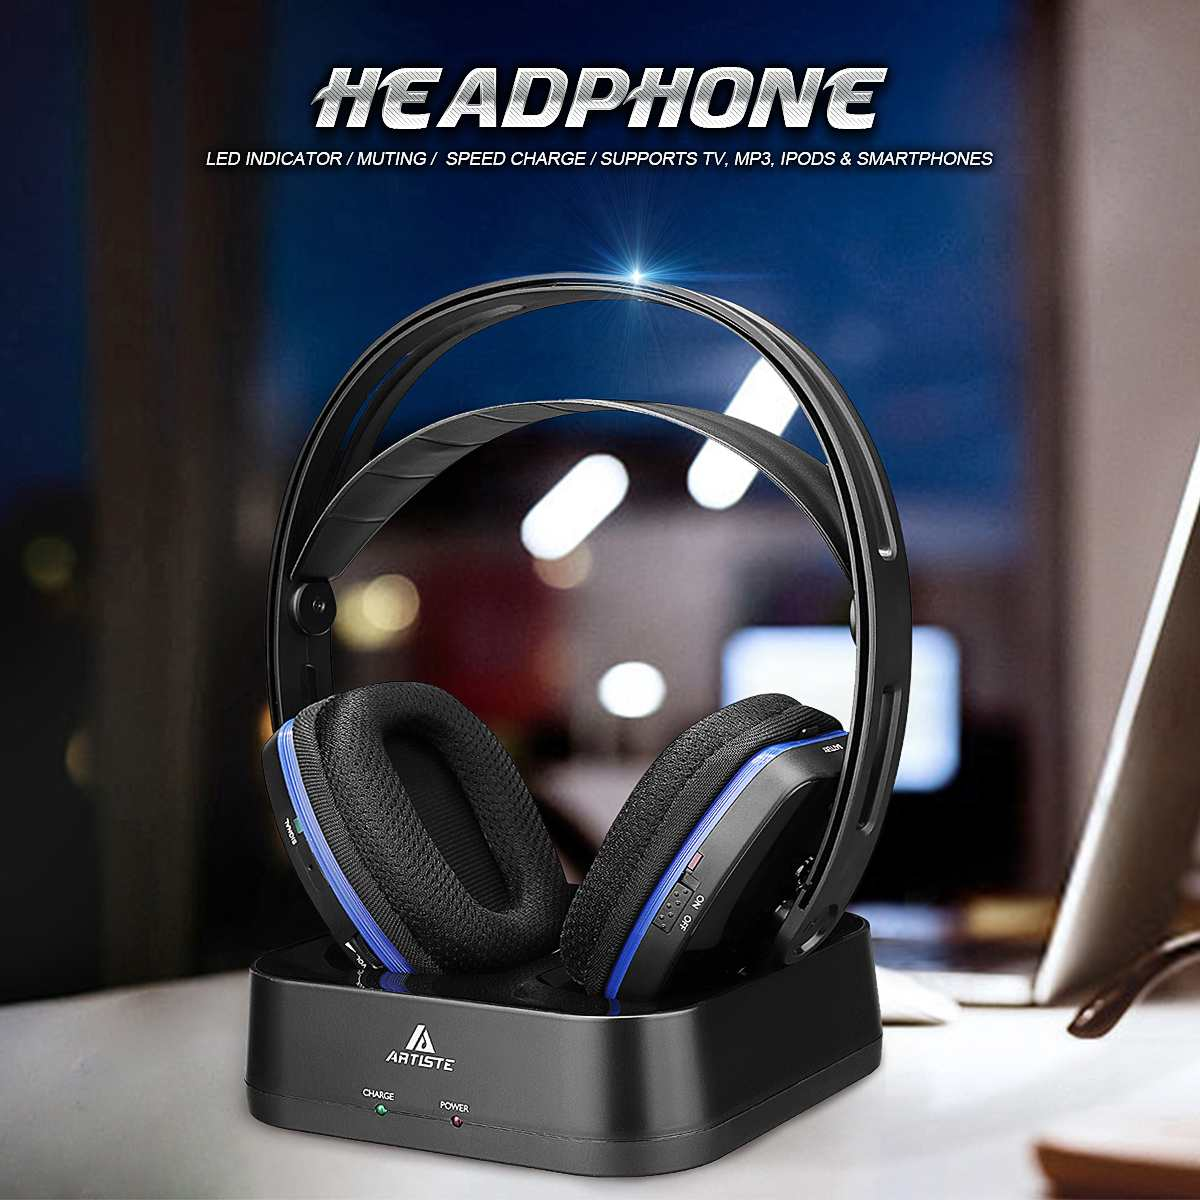 Артист D2 2,4 ГГц Hi-Fi Bluetooth наушники глубокий бас Беспроводной ТВ наушников с передатчиком док-станция для мобильного телефона музыка